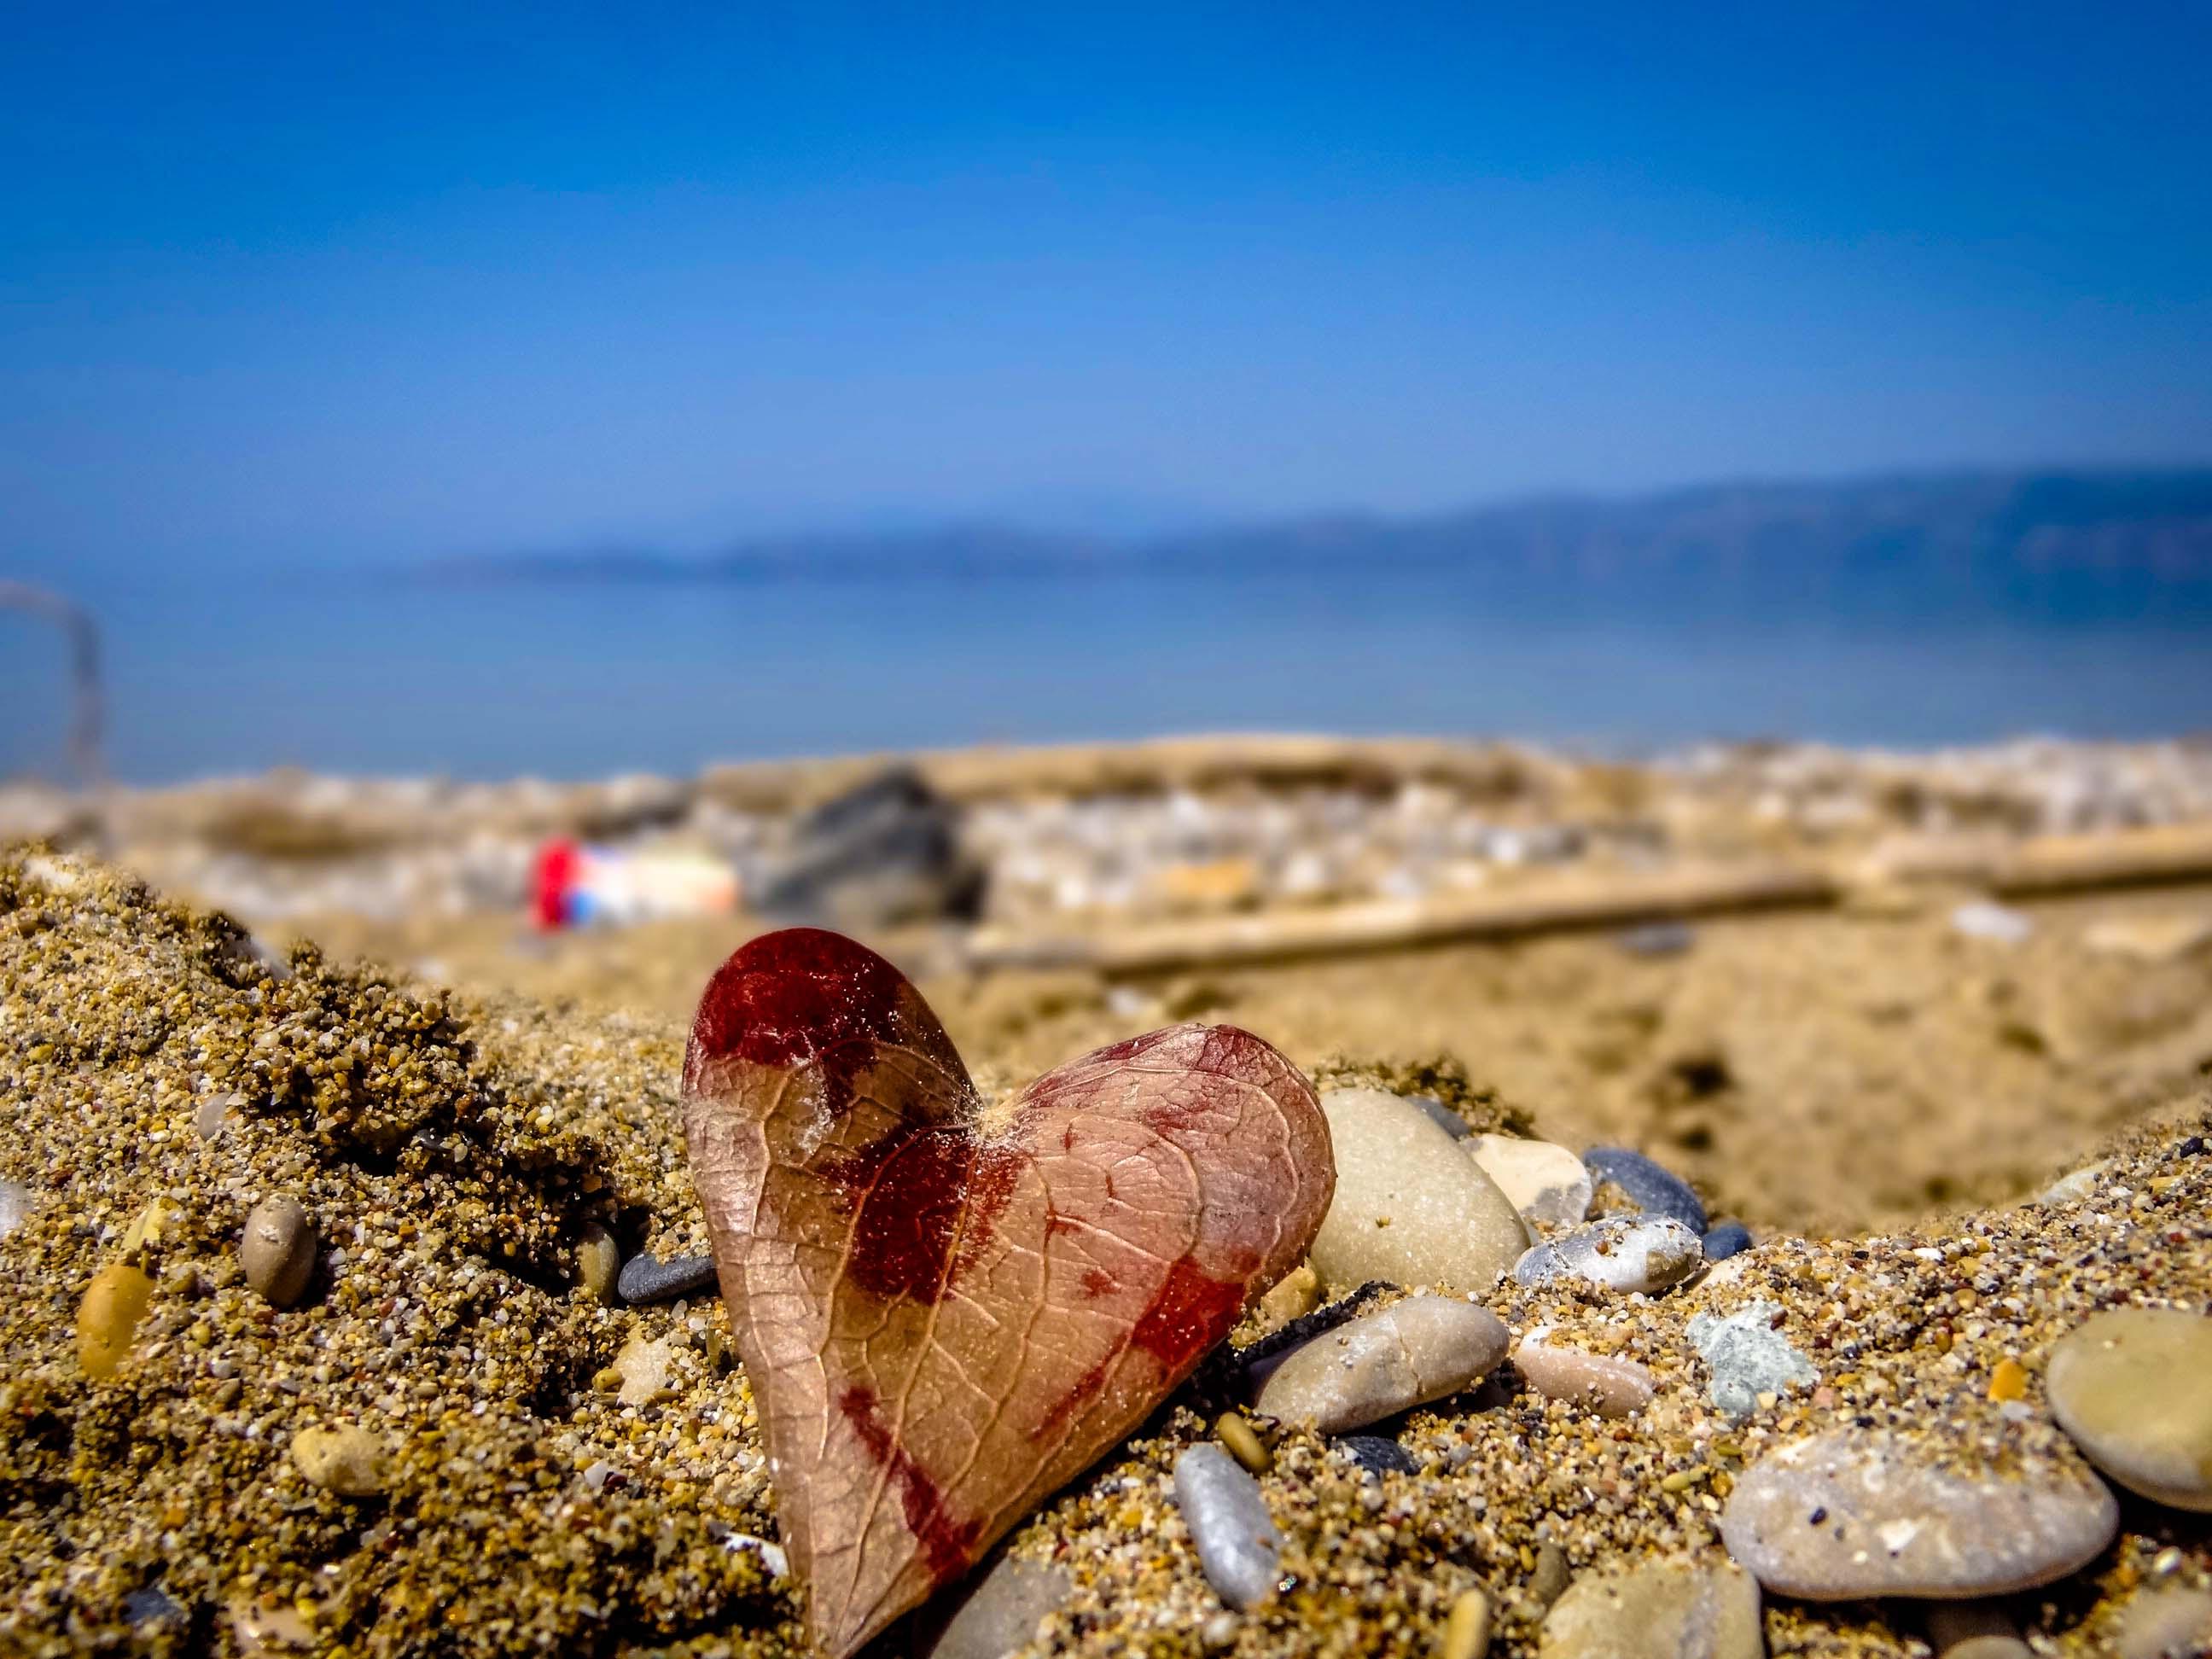 сердце в море фото разделяет рощу